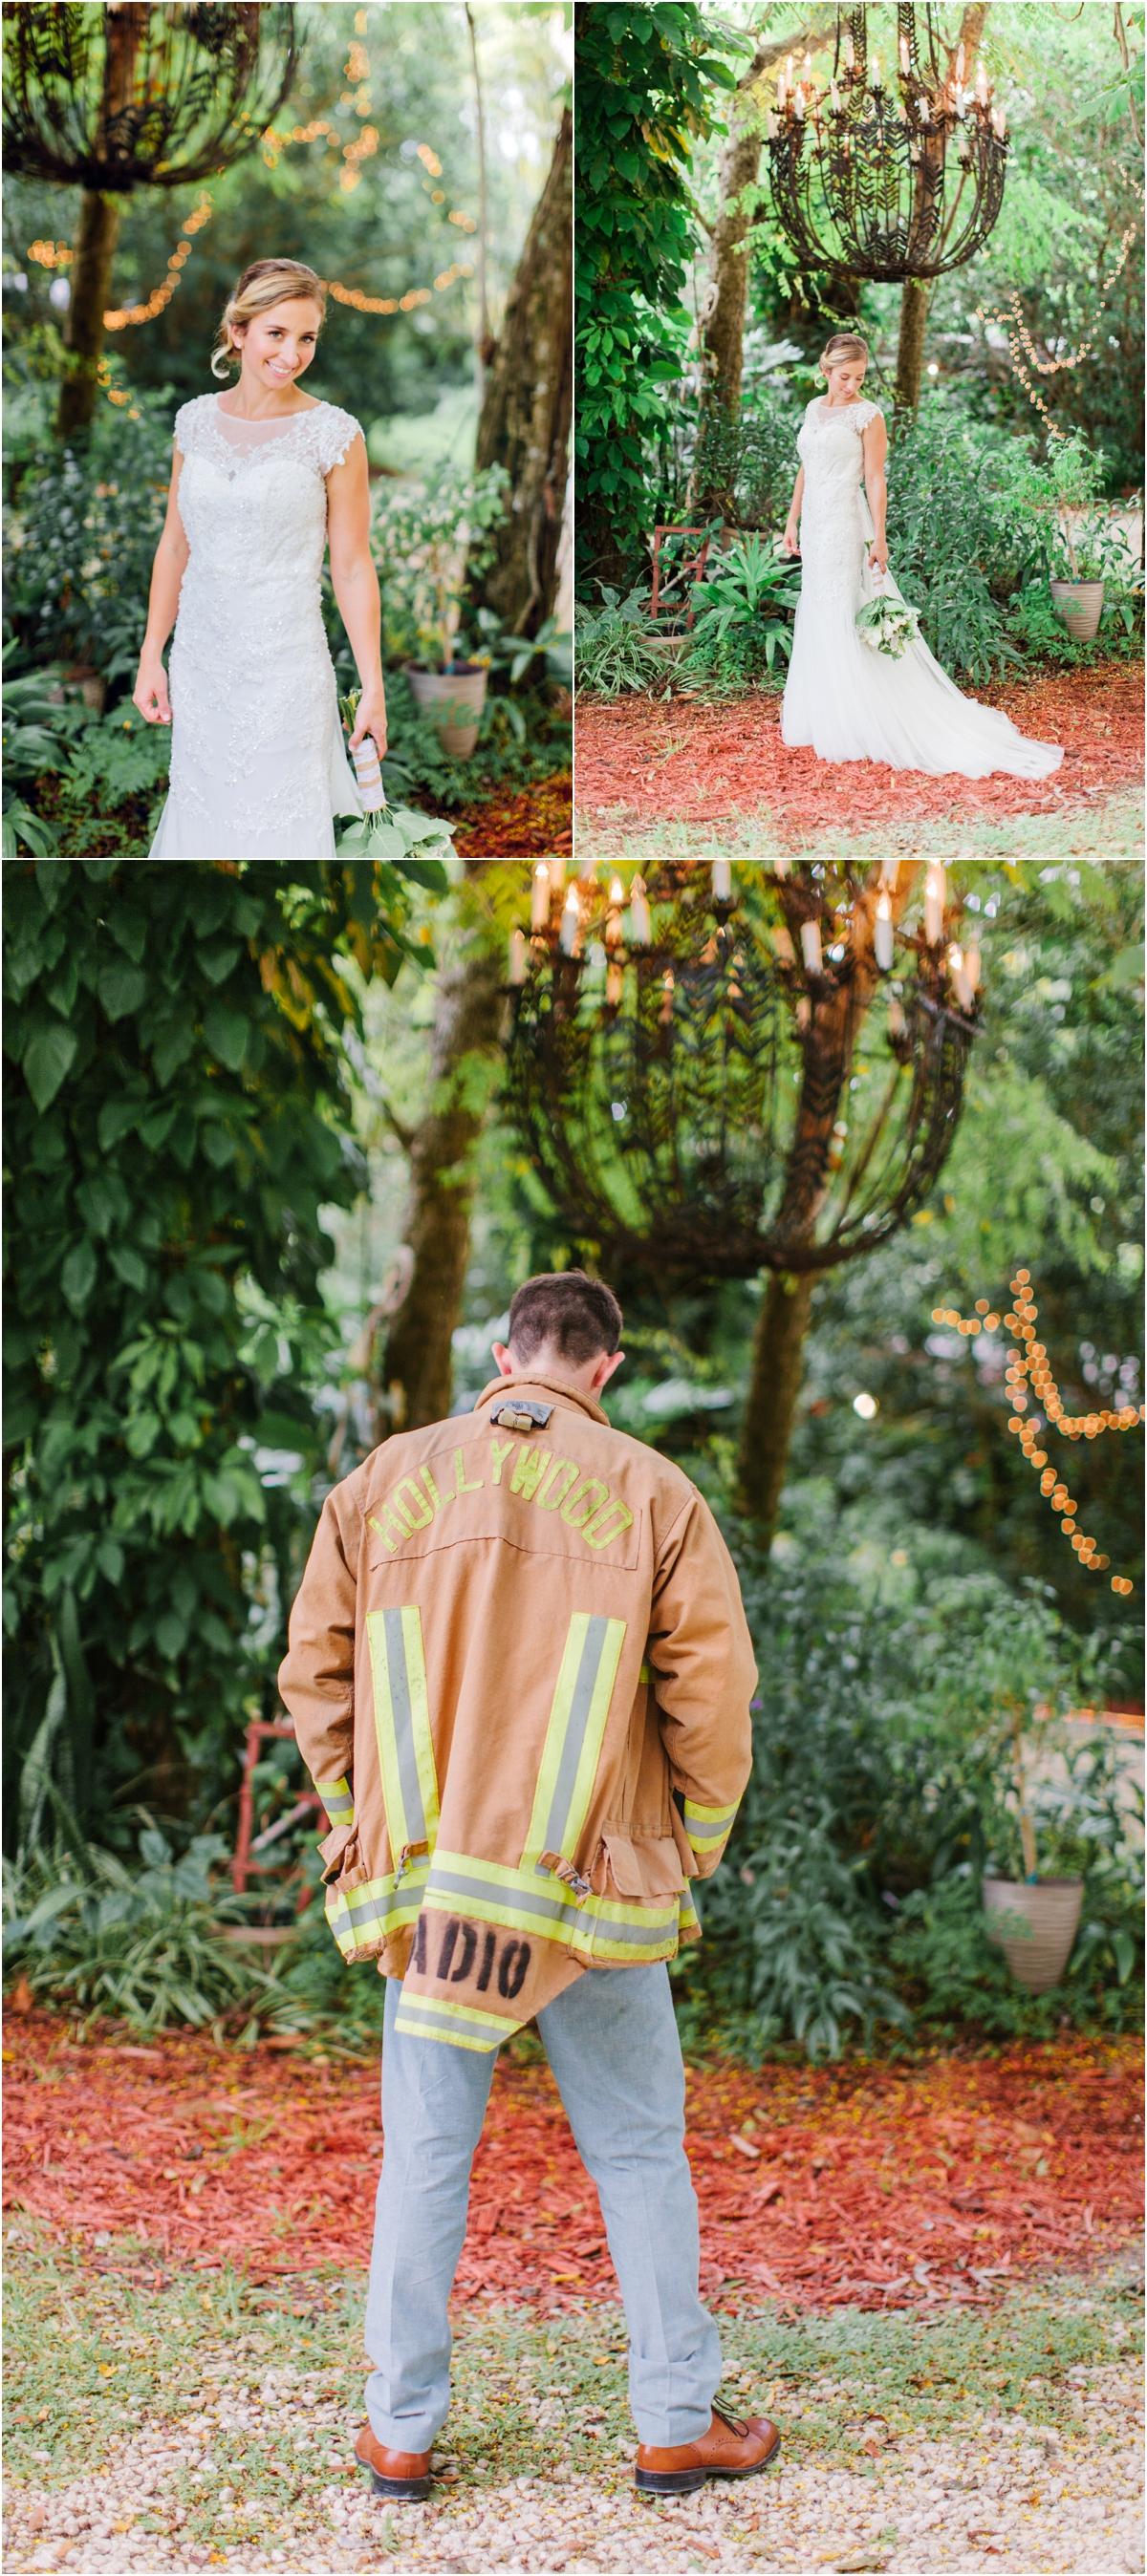 Waldos-Secret-Garden-Wedding-Photos-Vero_0021